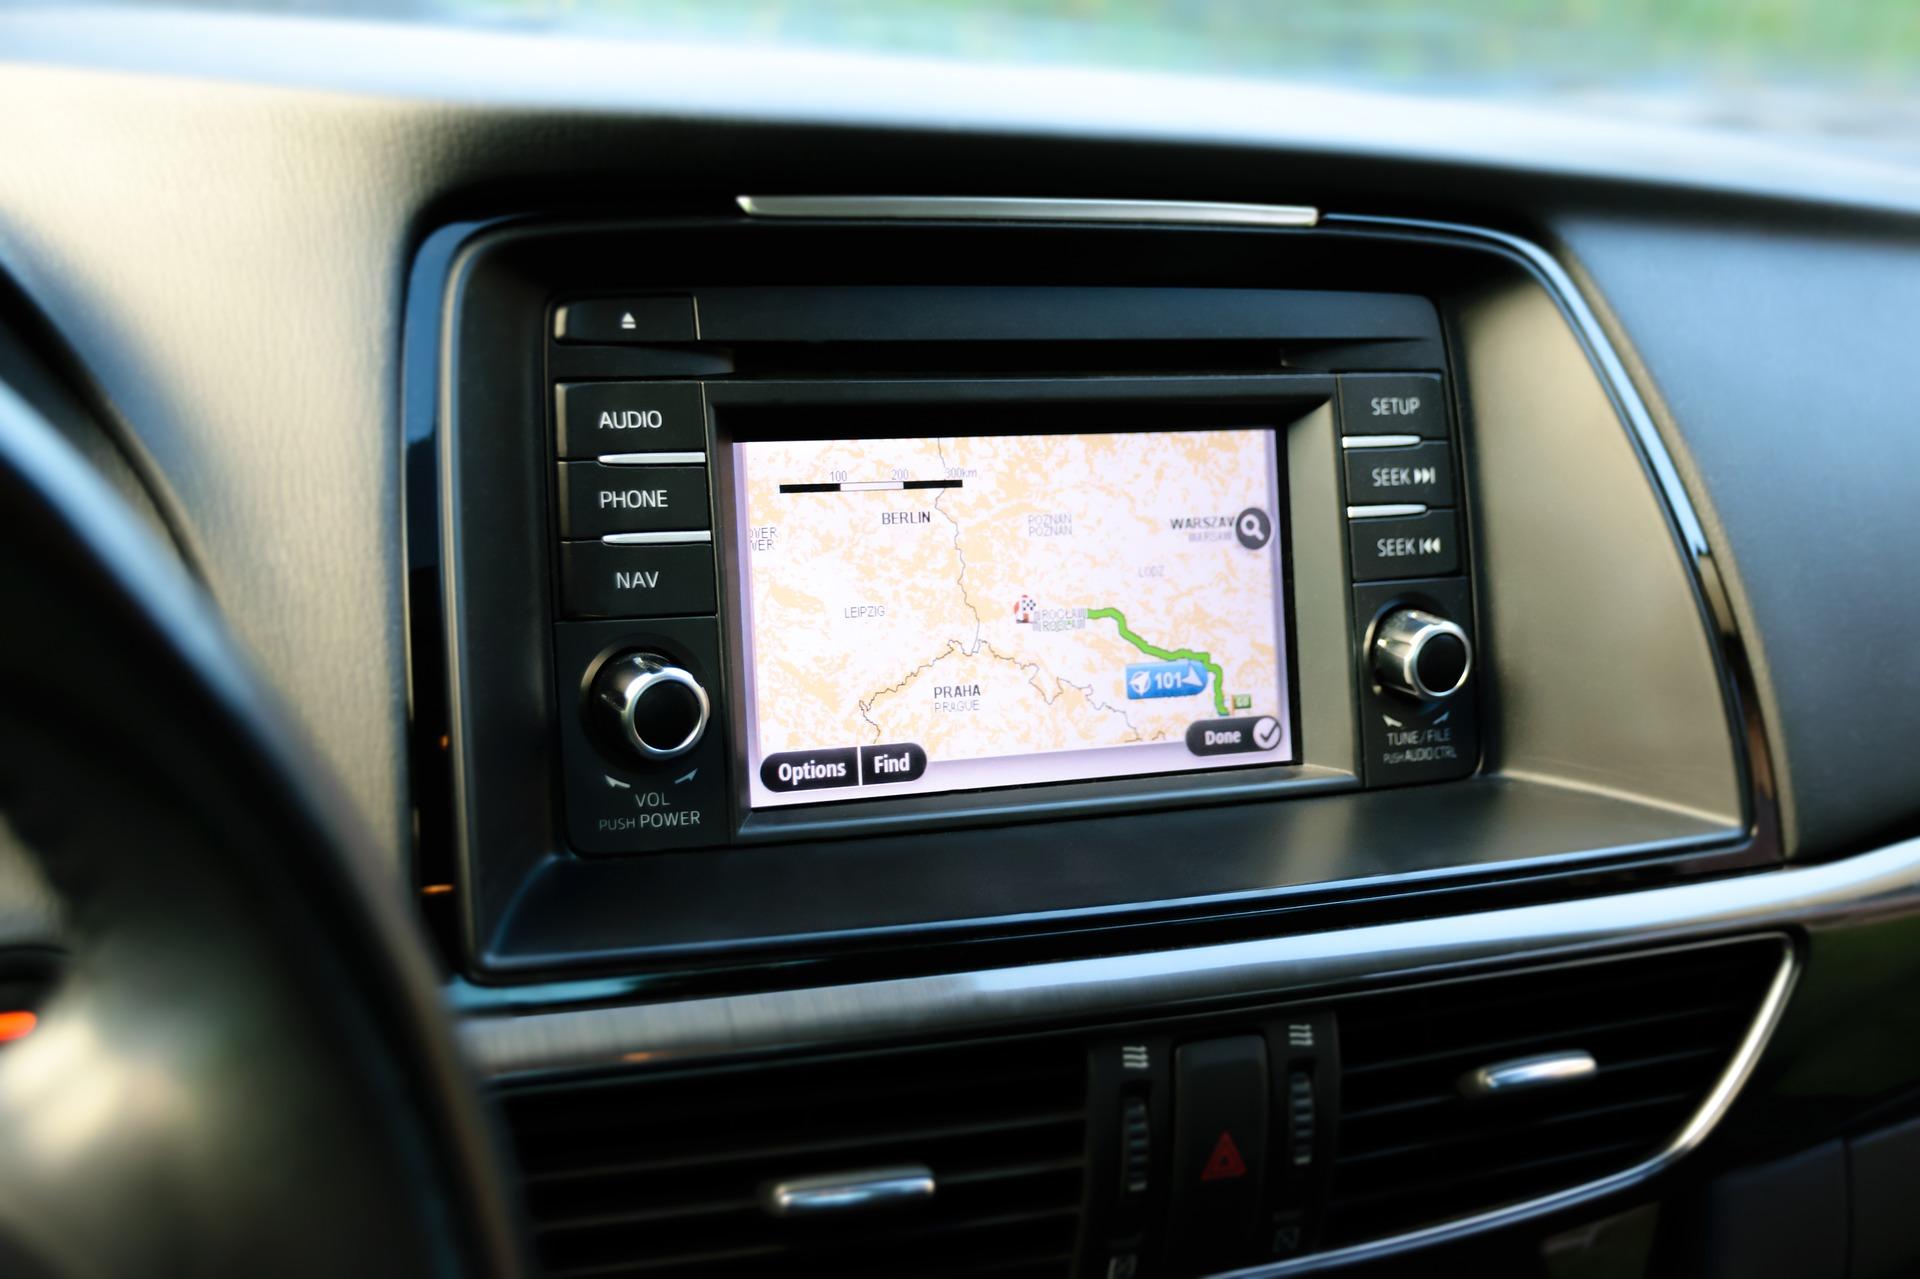 Hatalmas sikert ért el autófronton a Google